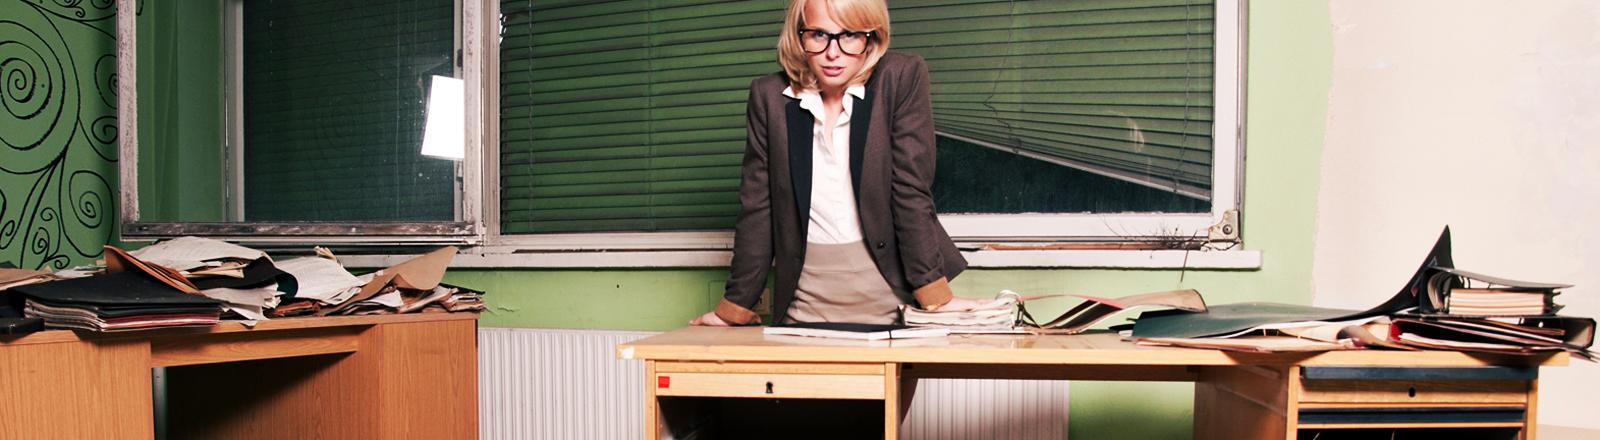 Eine Frau steht hinter einem sehr unordentlichen Schreibtisch.